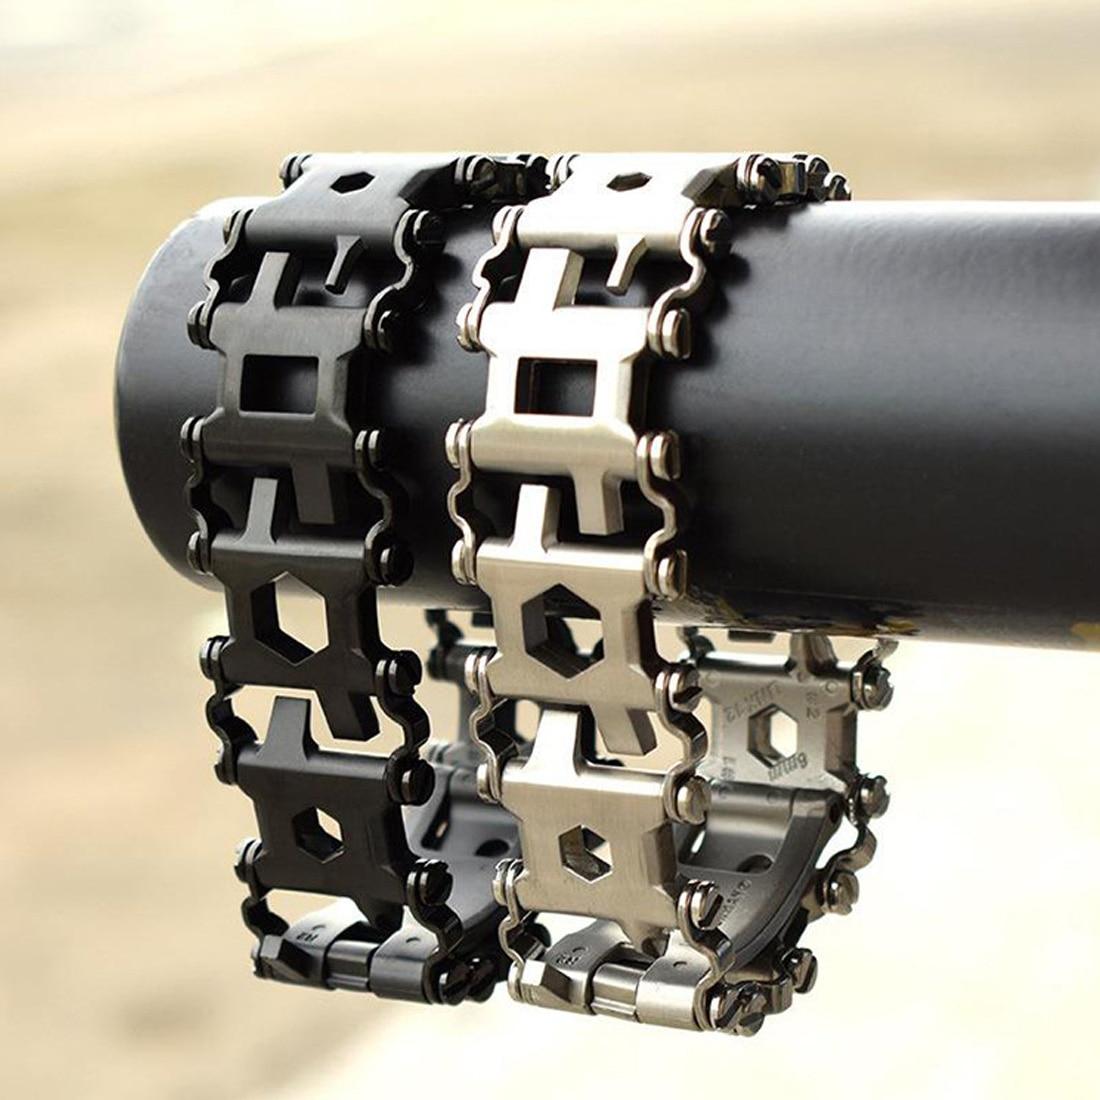 New 29 In 1 Multi function Wearable Tread Bracelet Strap Multi function Screwdriver Outdoor Emergency Kit